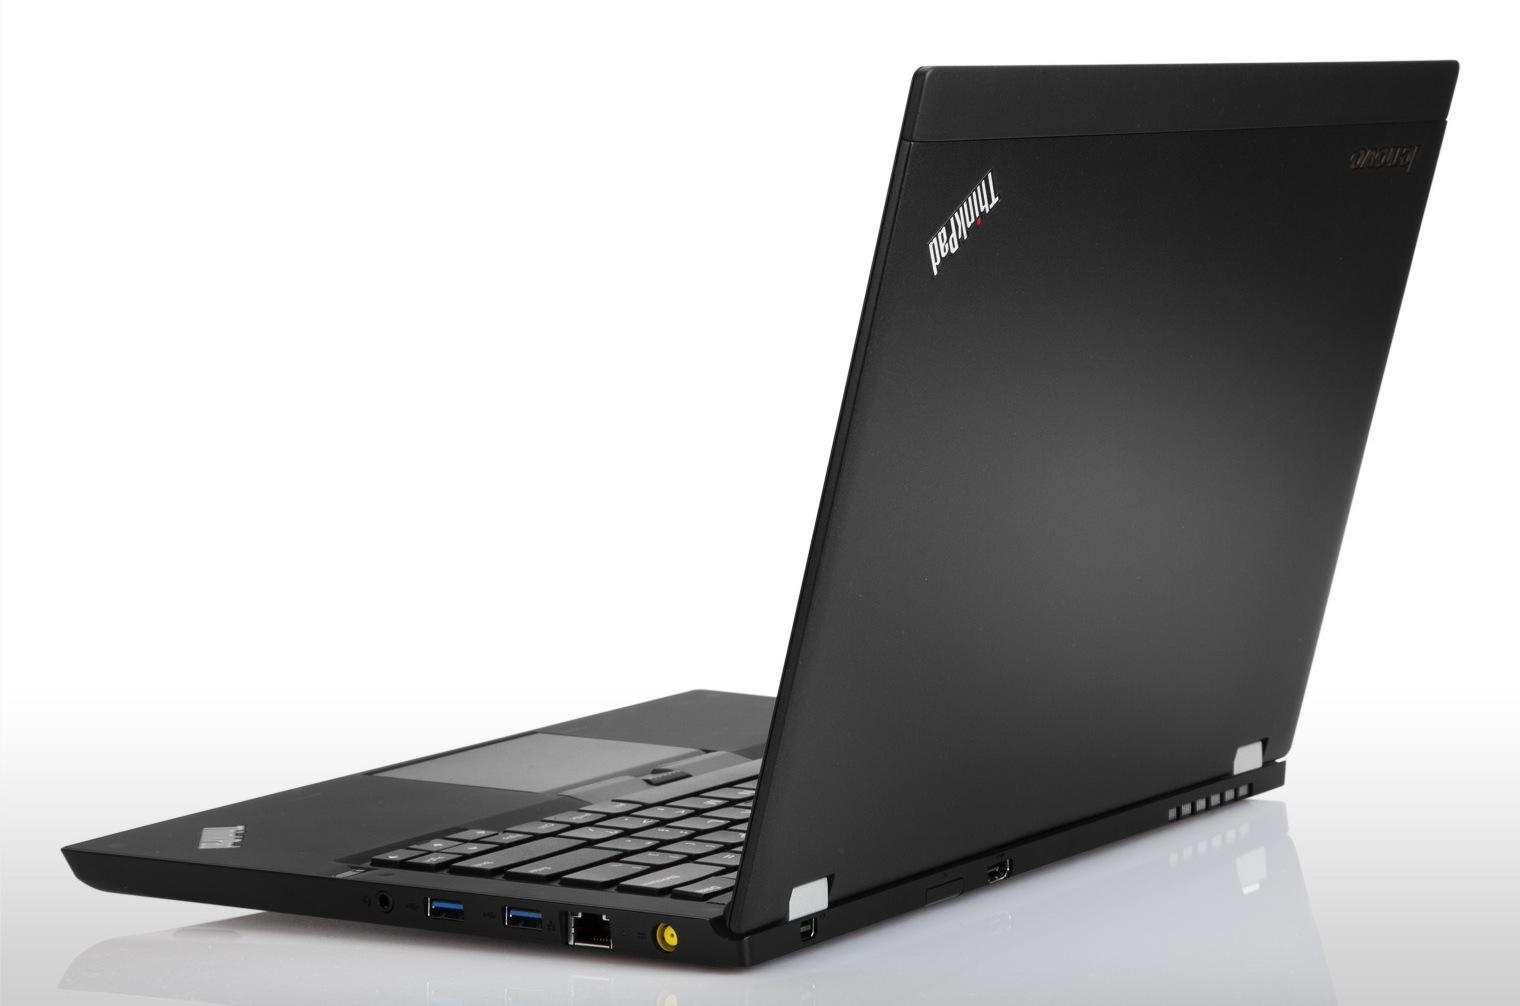 Lenovo Thinkpad T430u Brings X1 Carbon On A Budget This